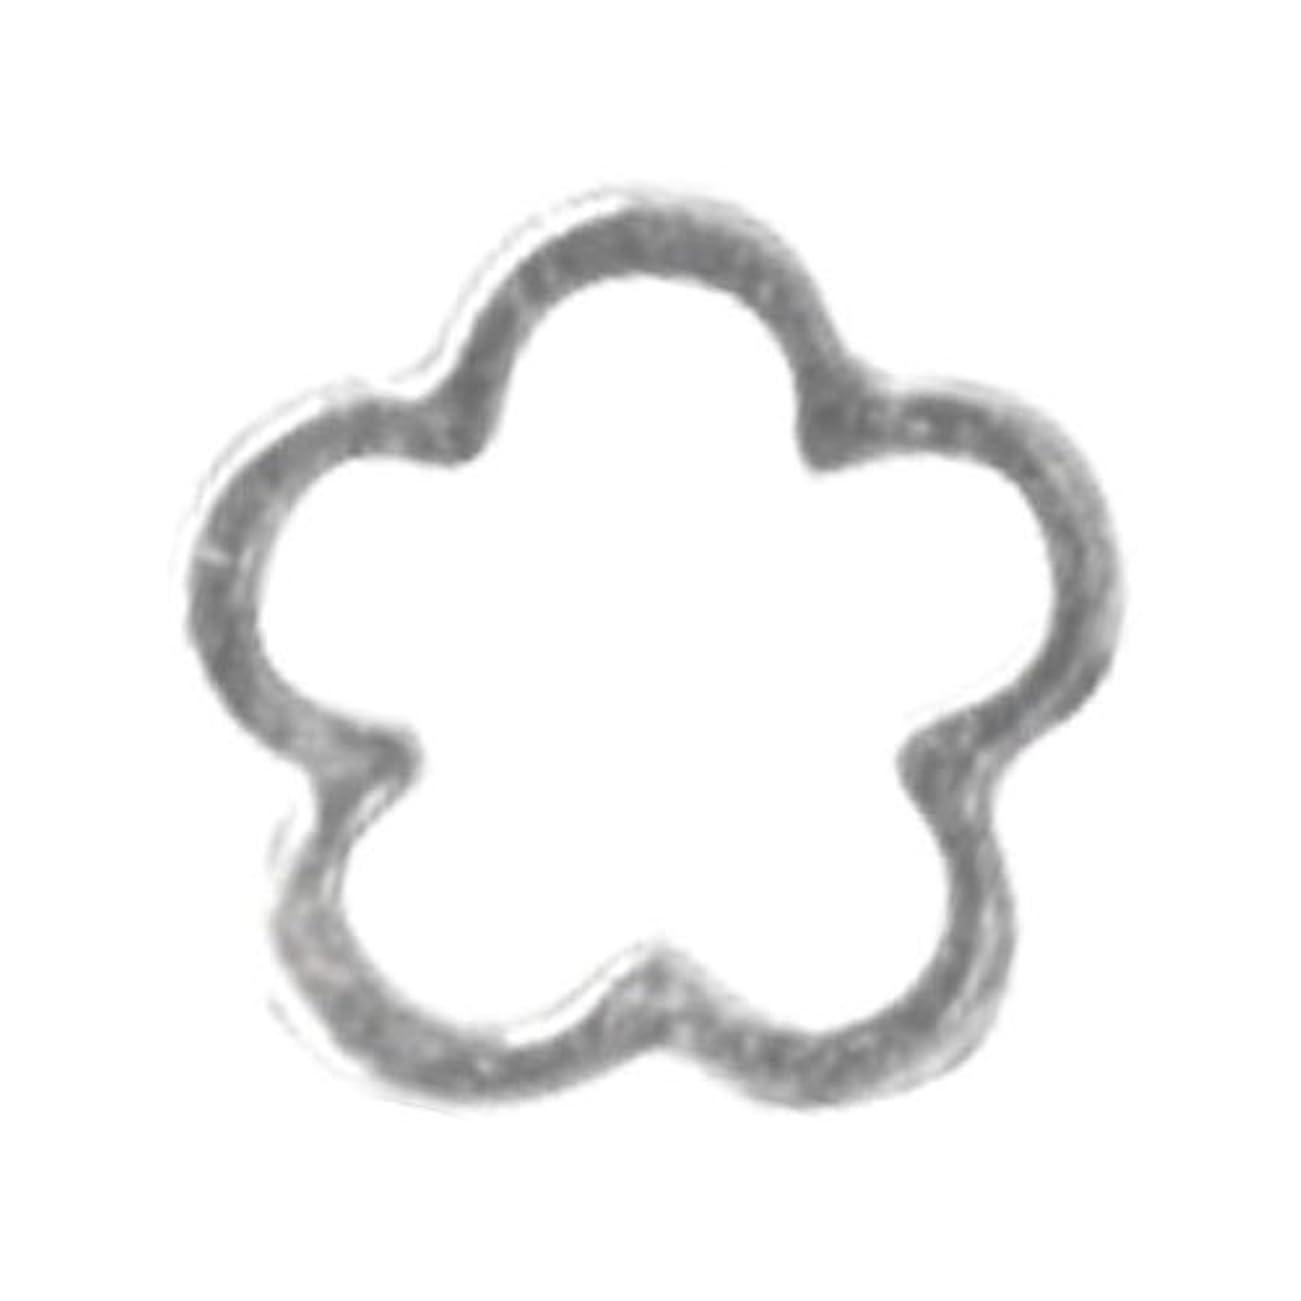 モック属するラメリトルプリティー ネイルアートパーツ サクラ SS シルバー 10個